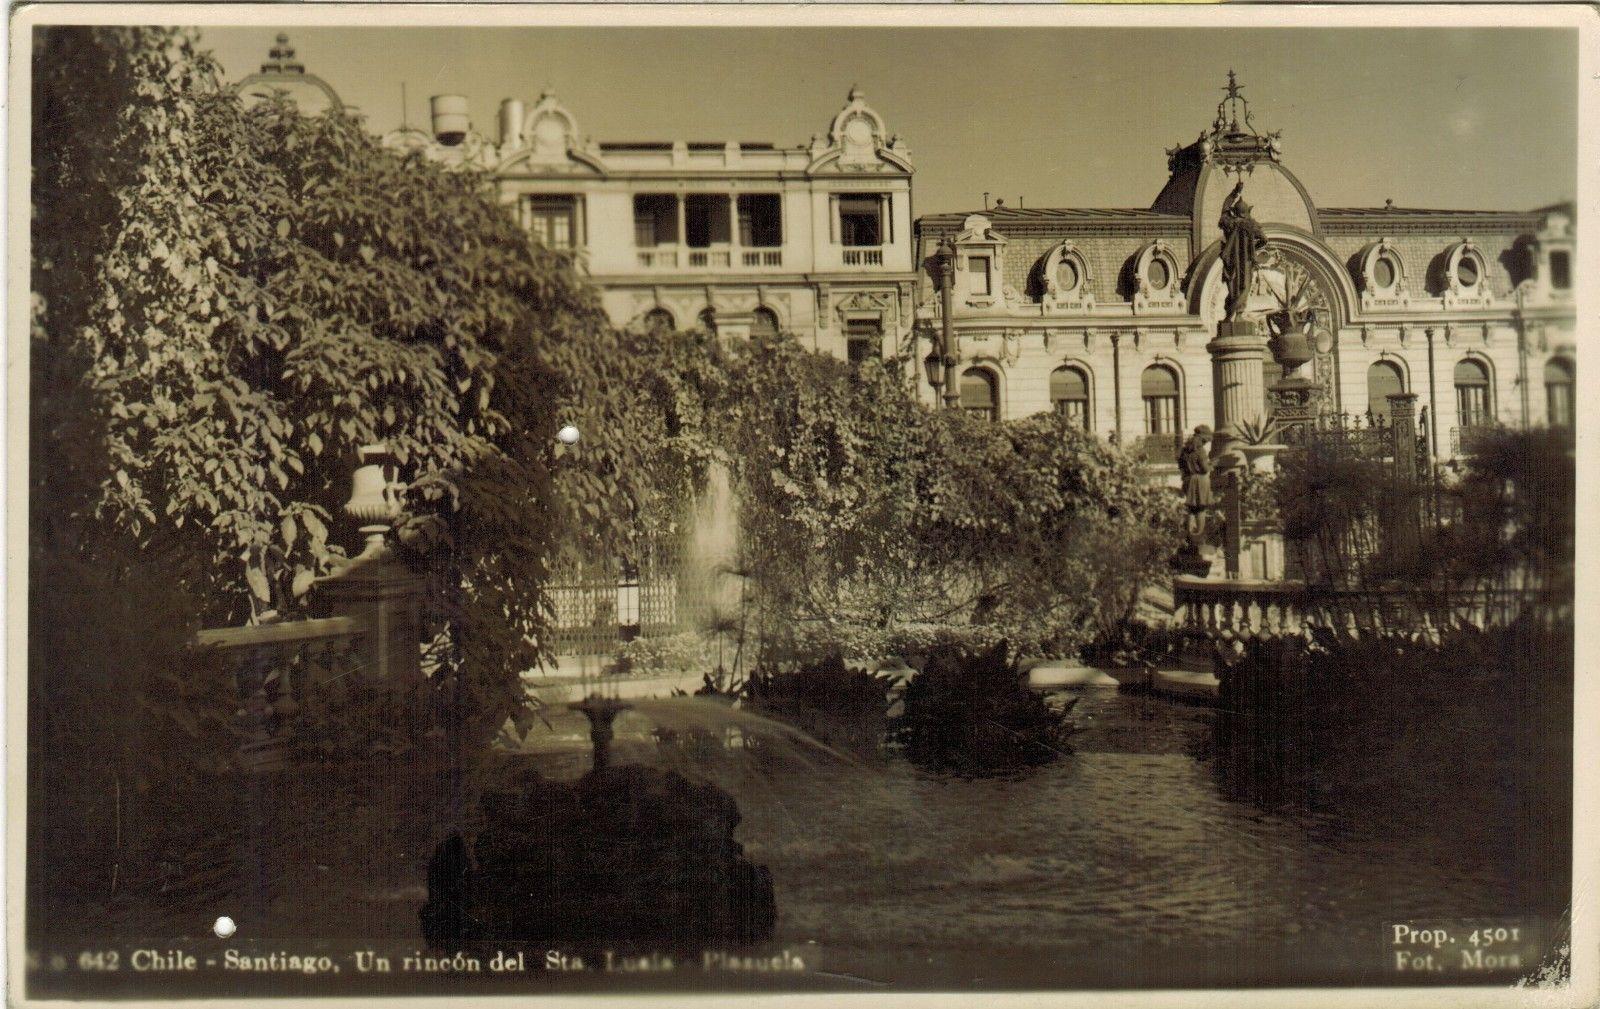 Enterreno - Fotos históricas de chile - fotos antiguas de Chile - Cerro Santa Lucía en 1935